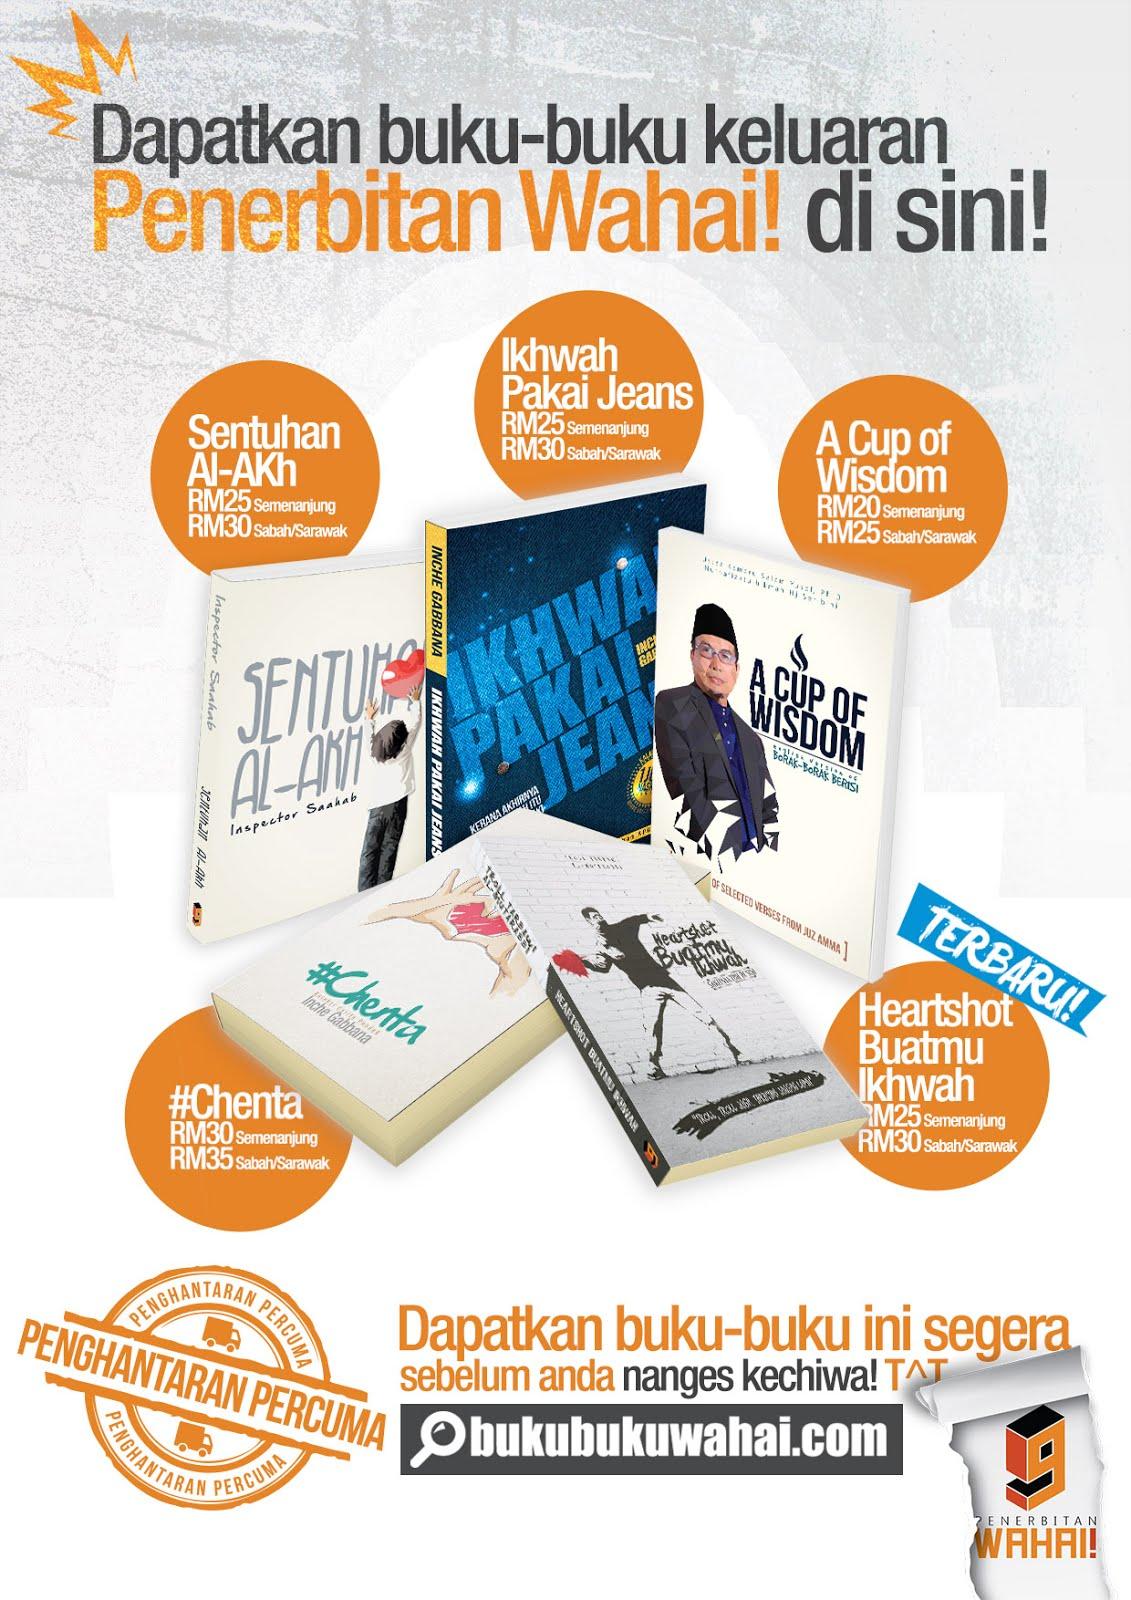 Penerbitan Wahai!